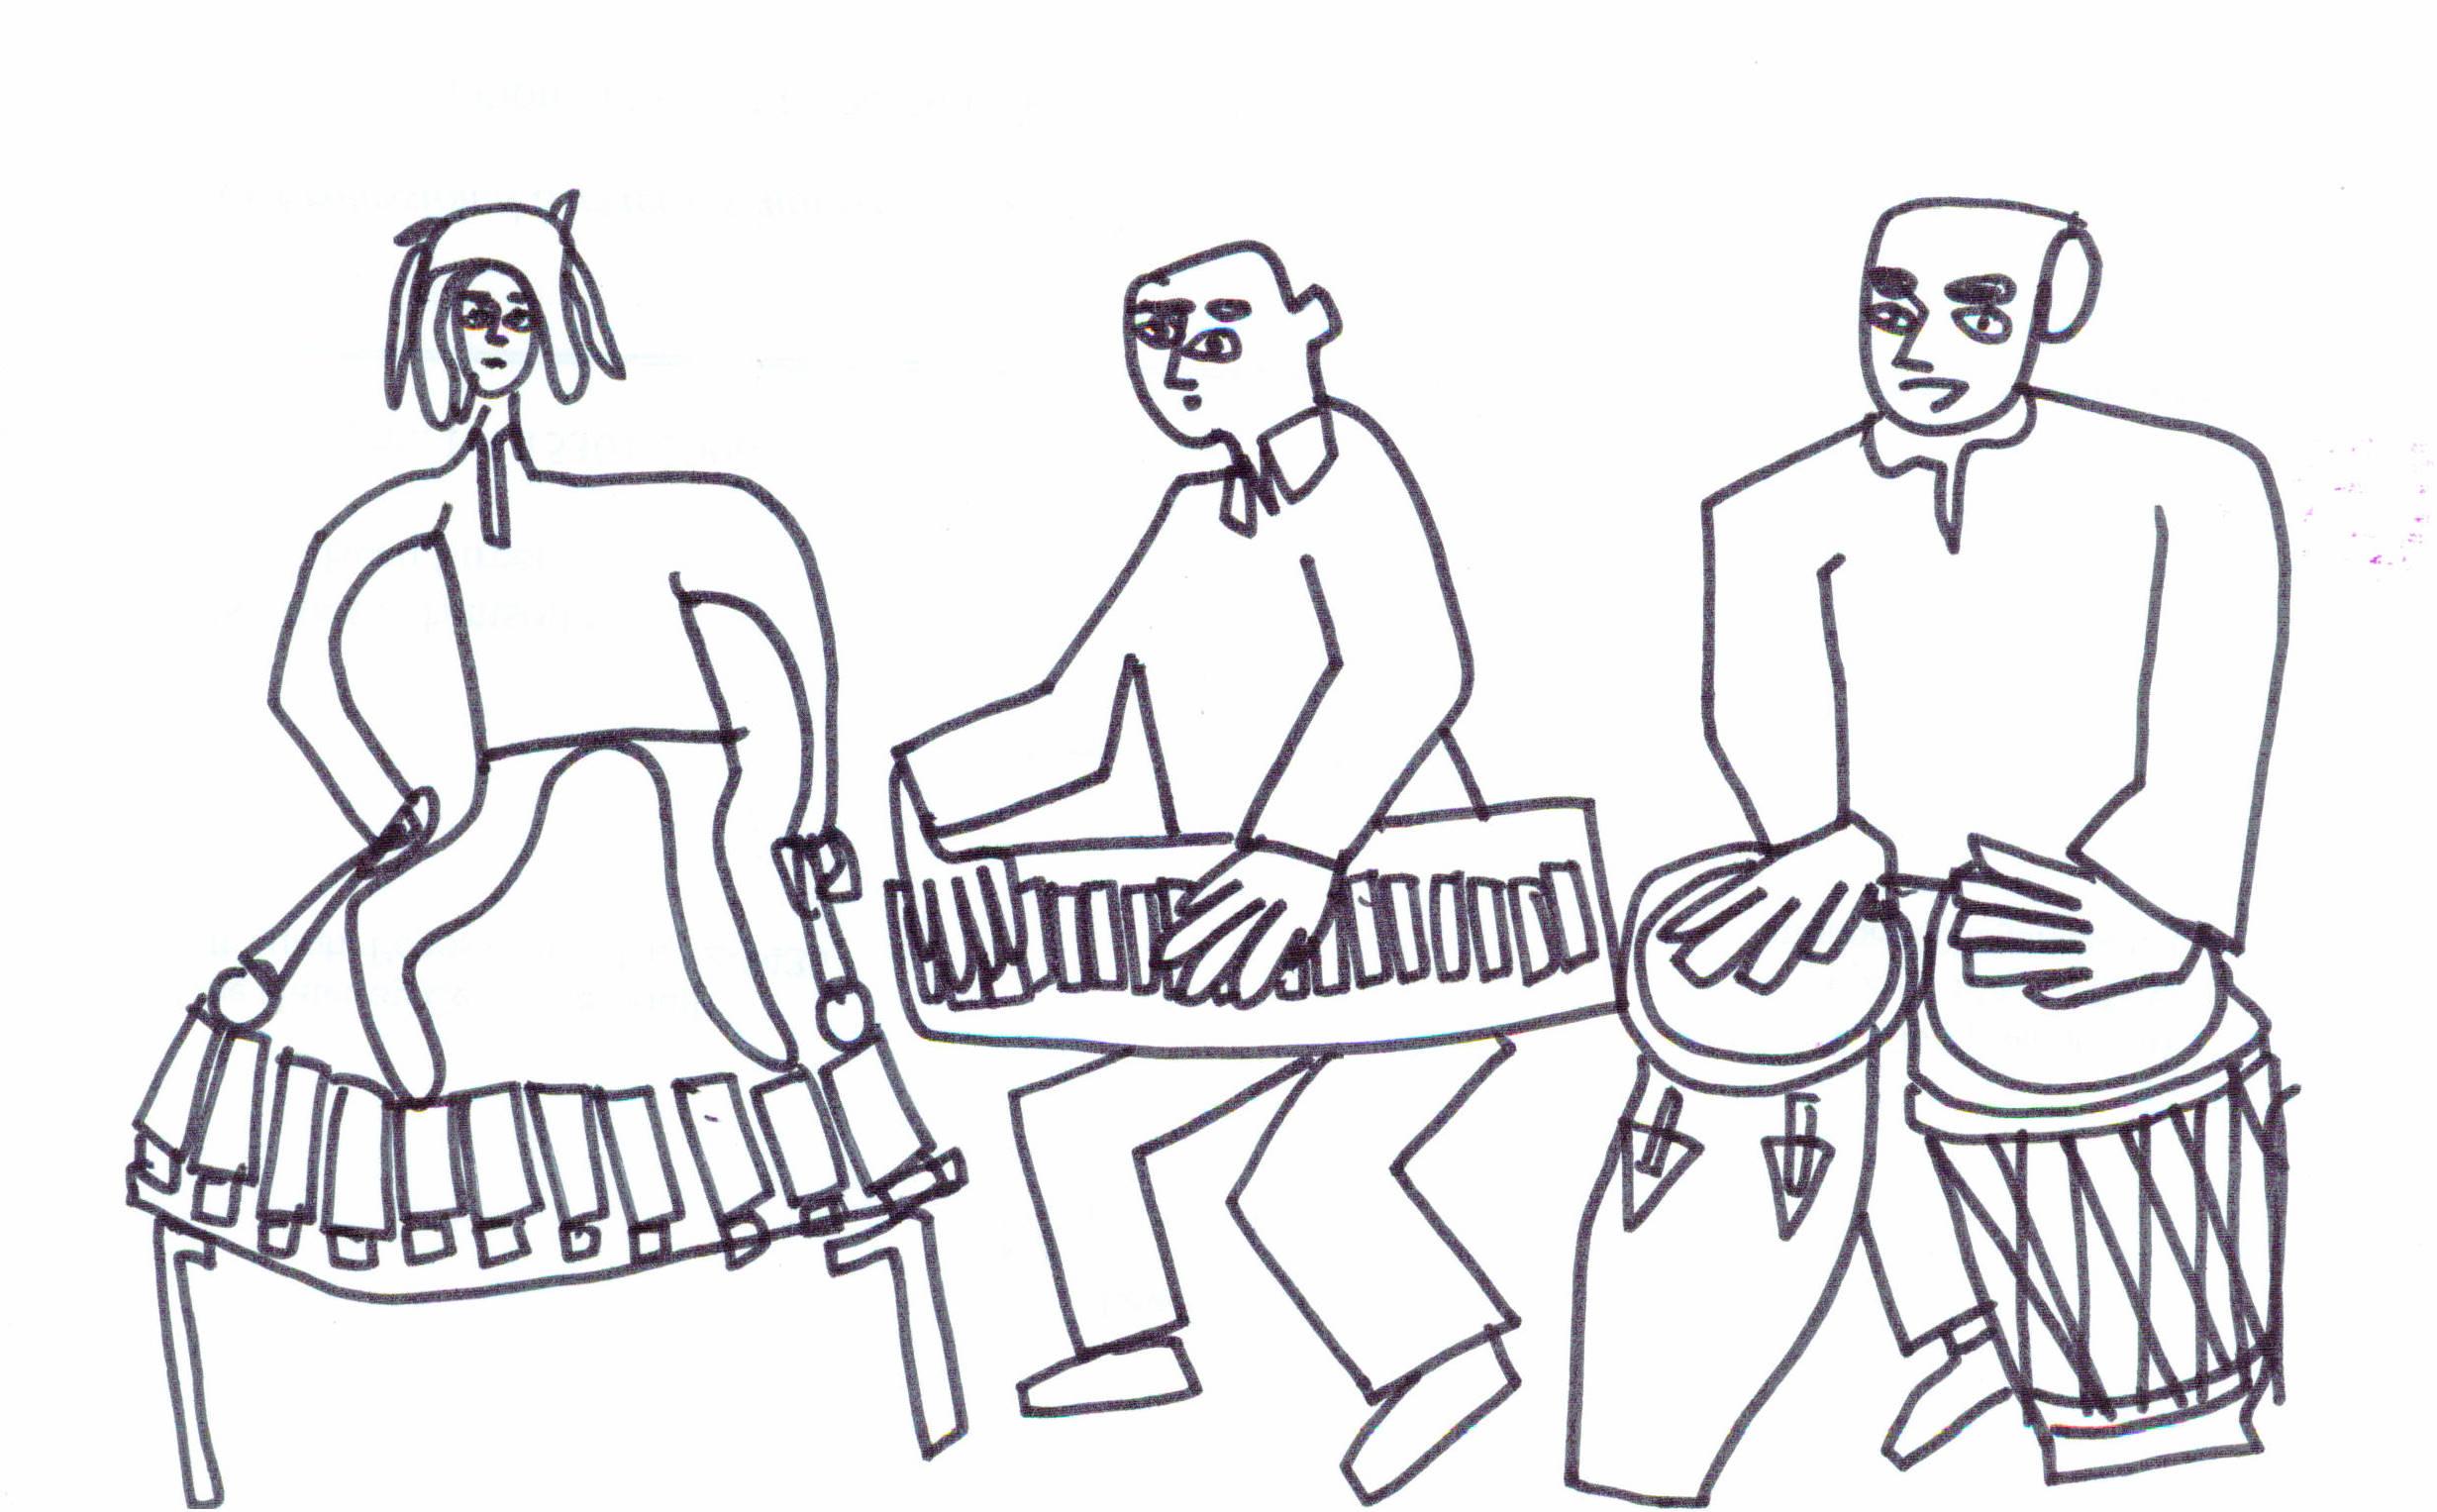 African Drumline In Schenley Park